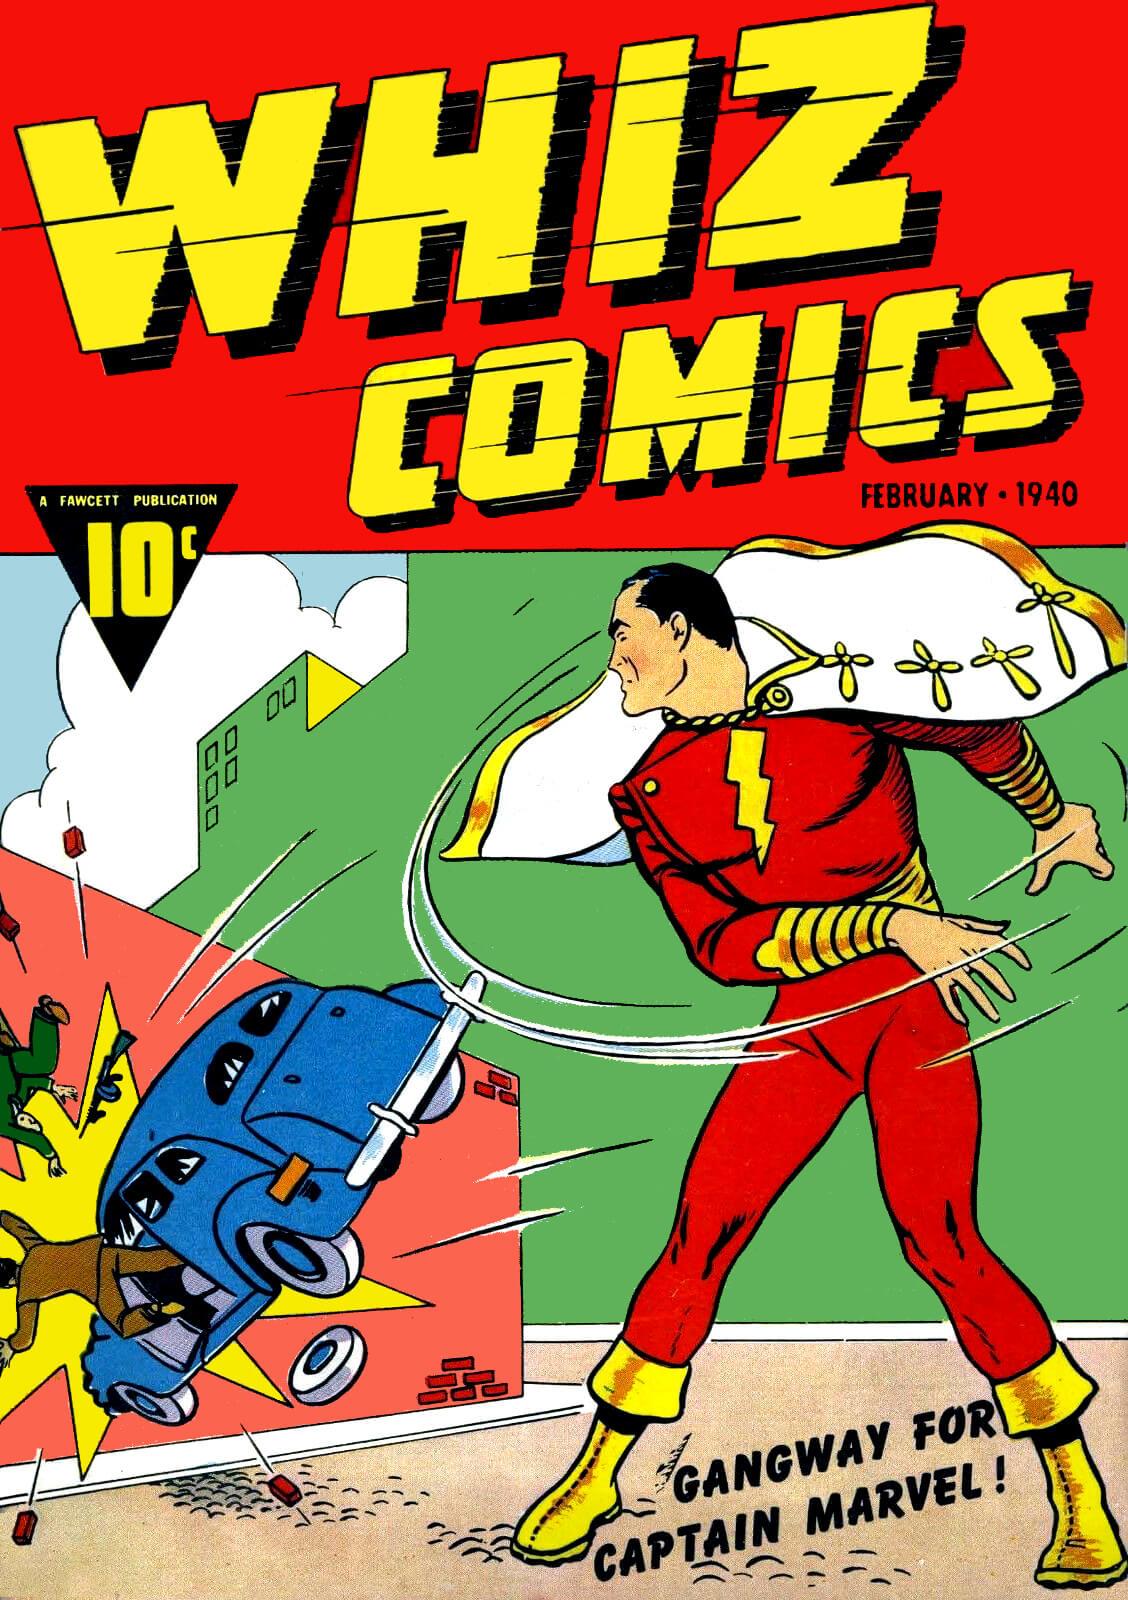 Обложка комикса Whiz Comics за февраль 1940г., где впервые появился Капитан Марвел / Шазам